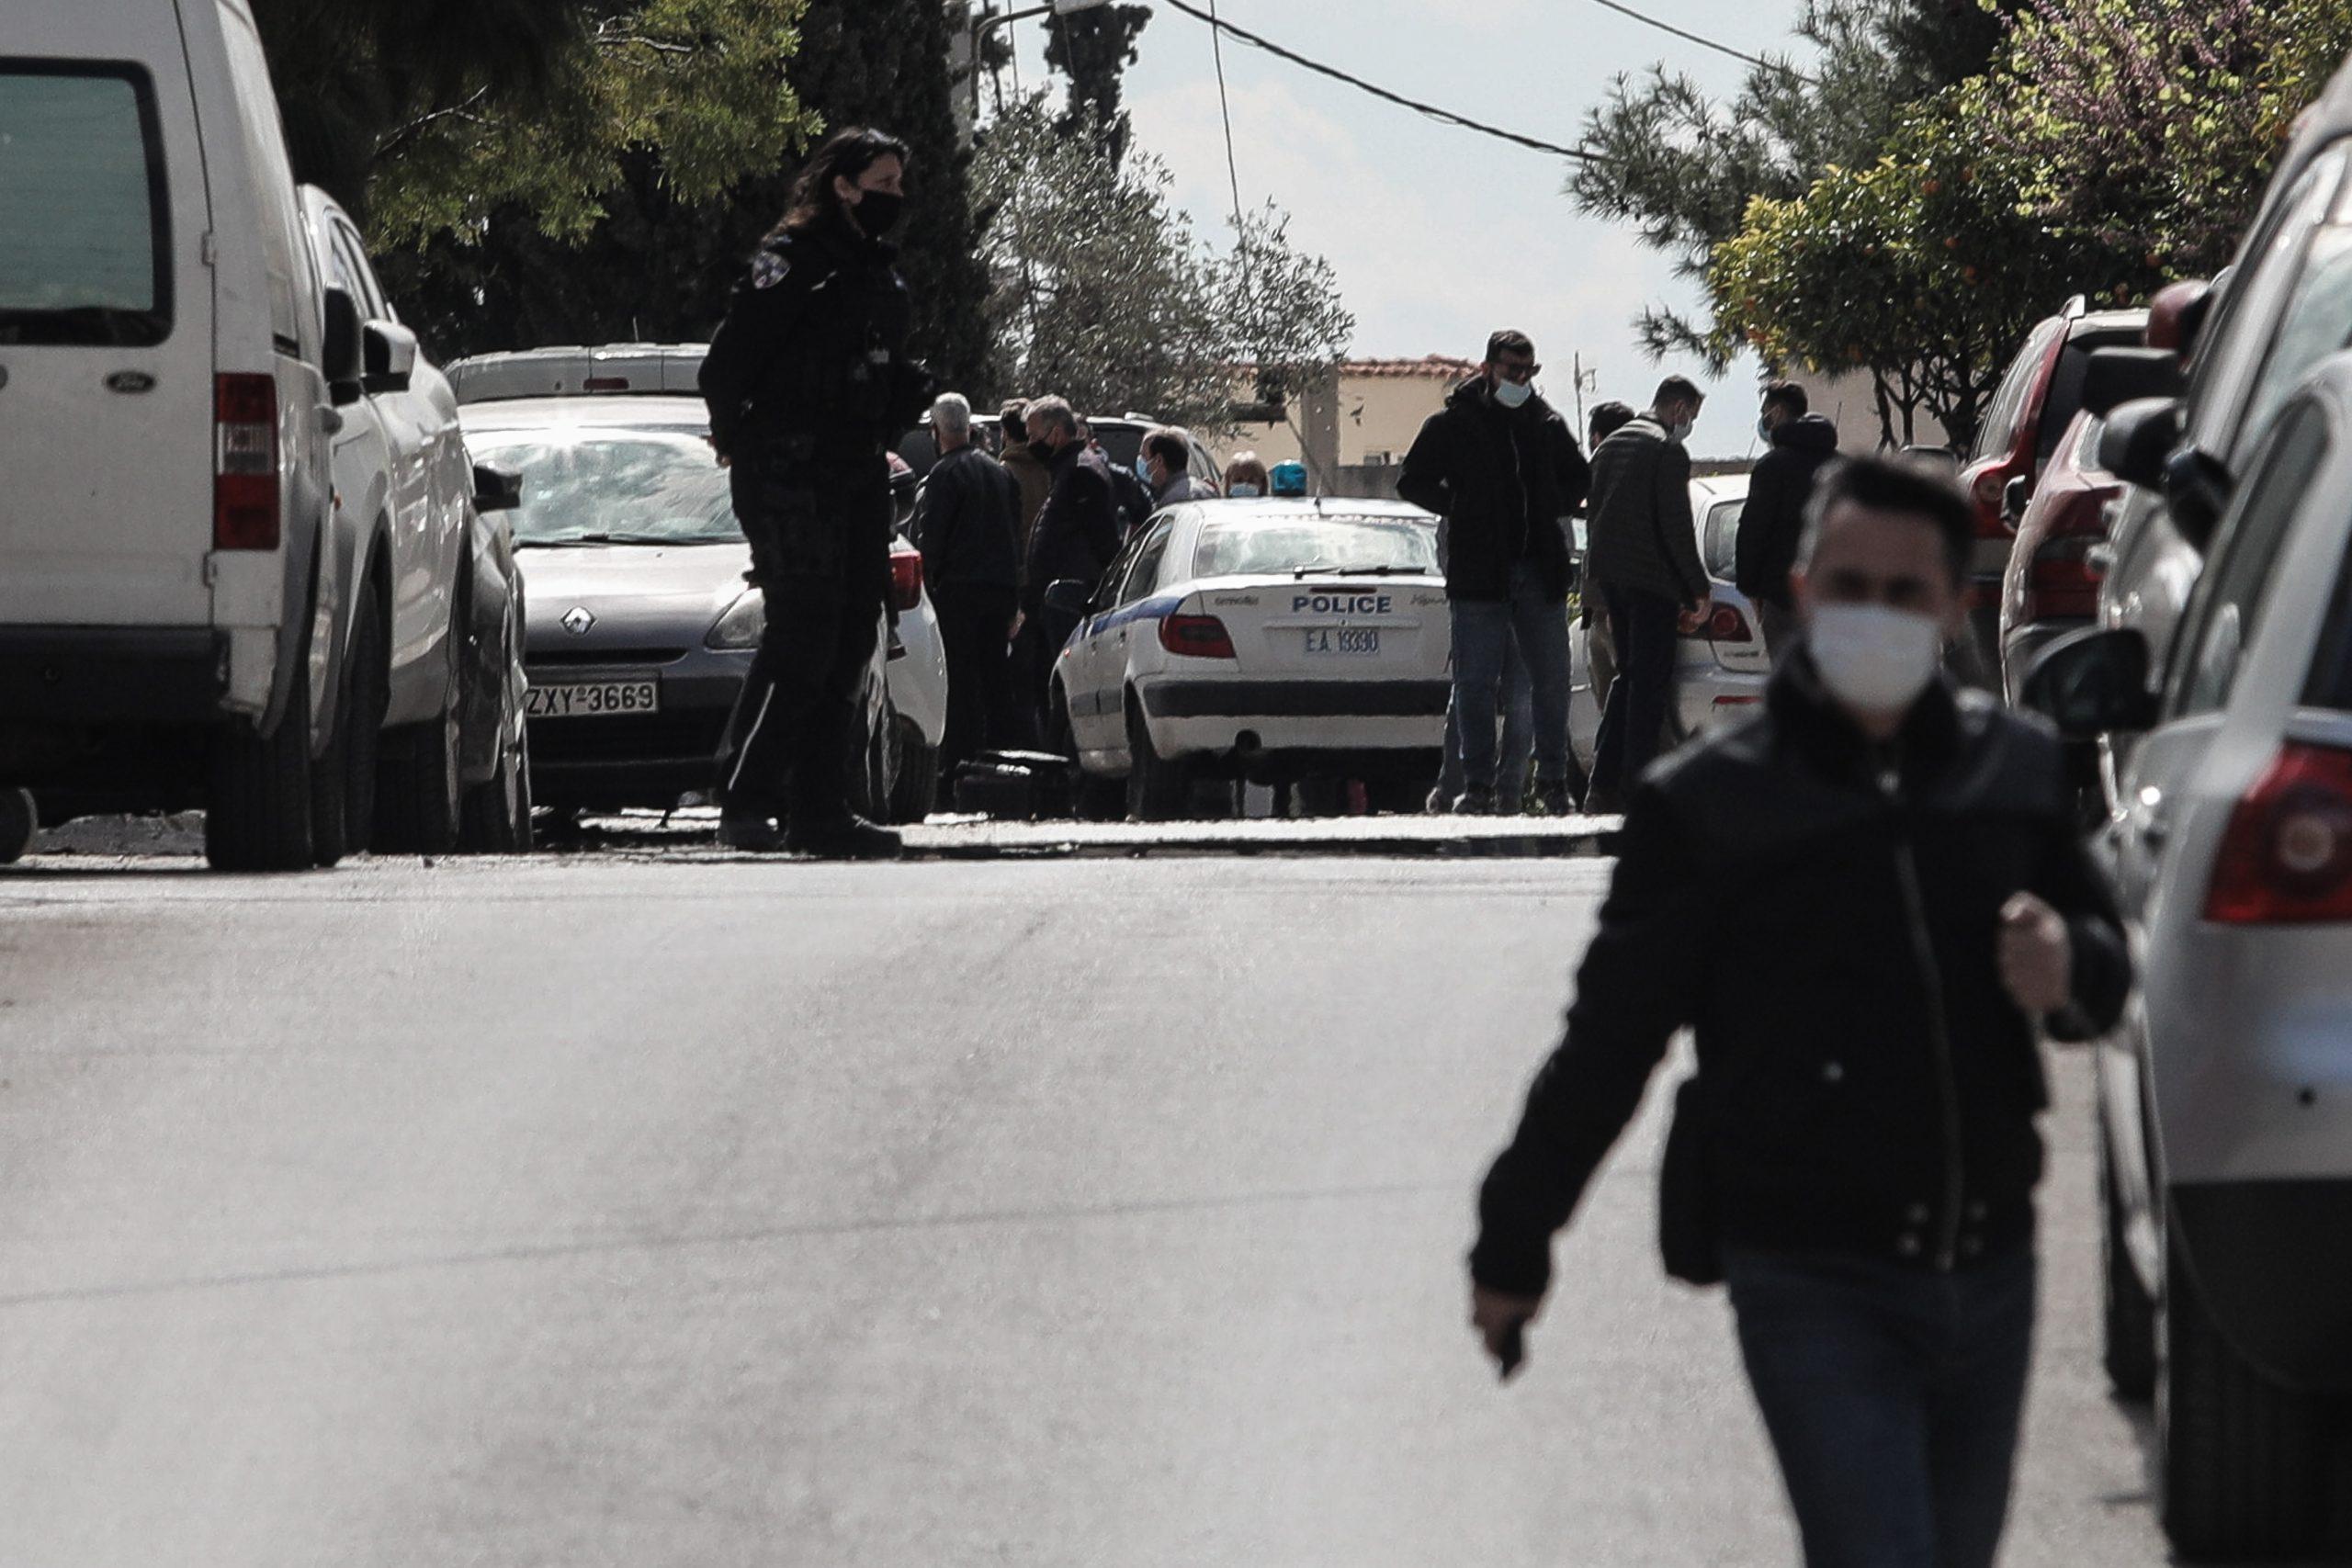 Η περιοχή που έγινε η δολοφονία του δημοσιογράφου